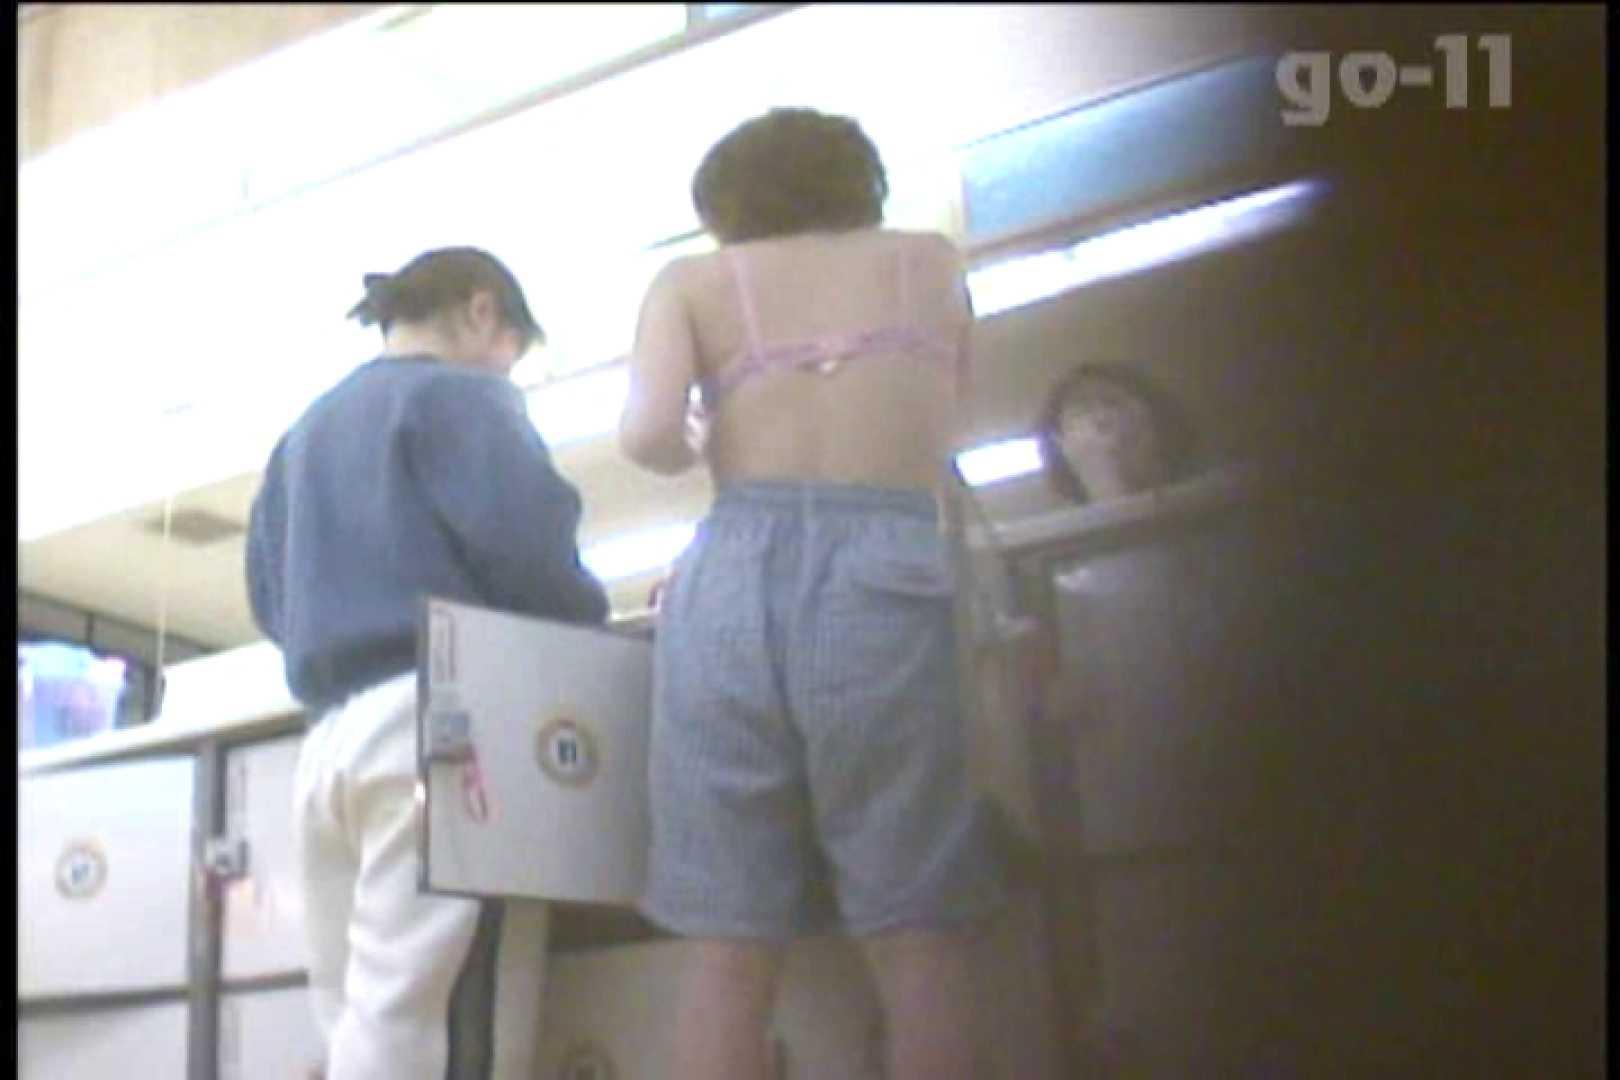 電波カメラ設置浴場からの防HAN映像 Vol.11 OL女体  55連発 45